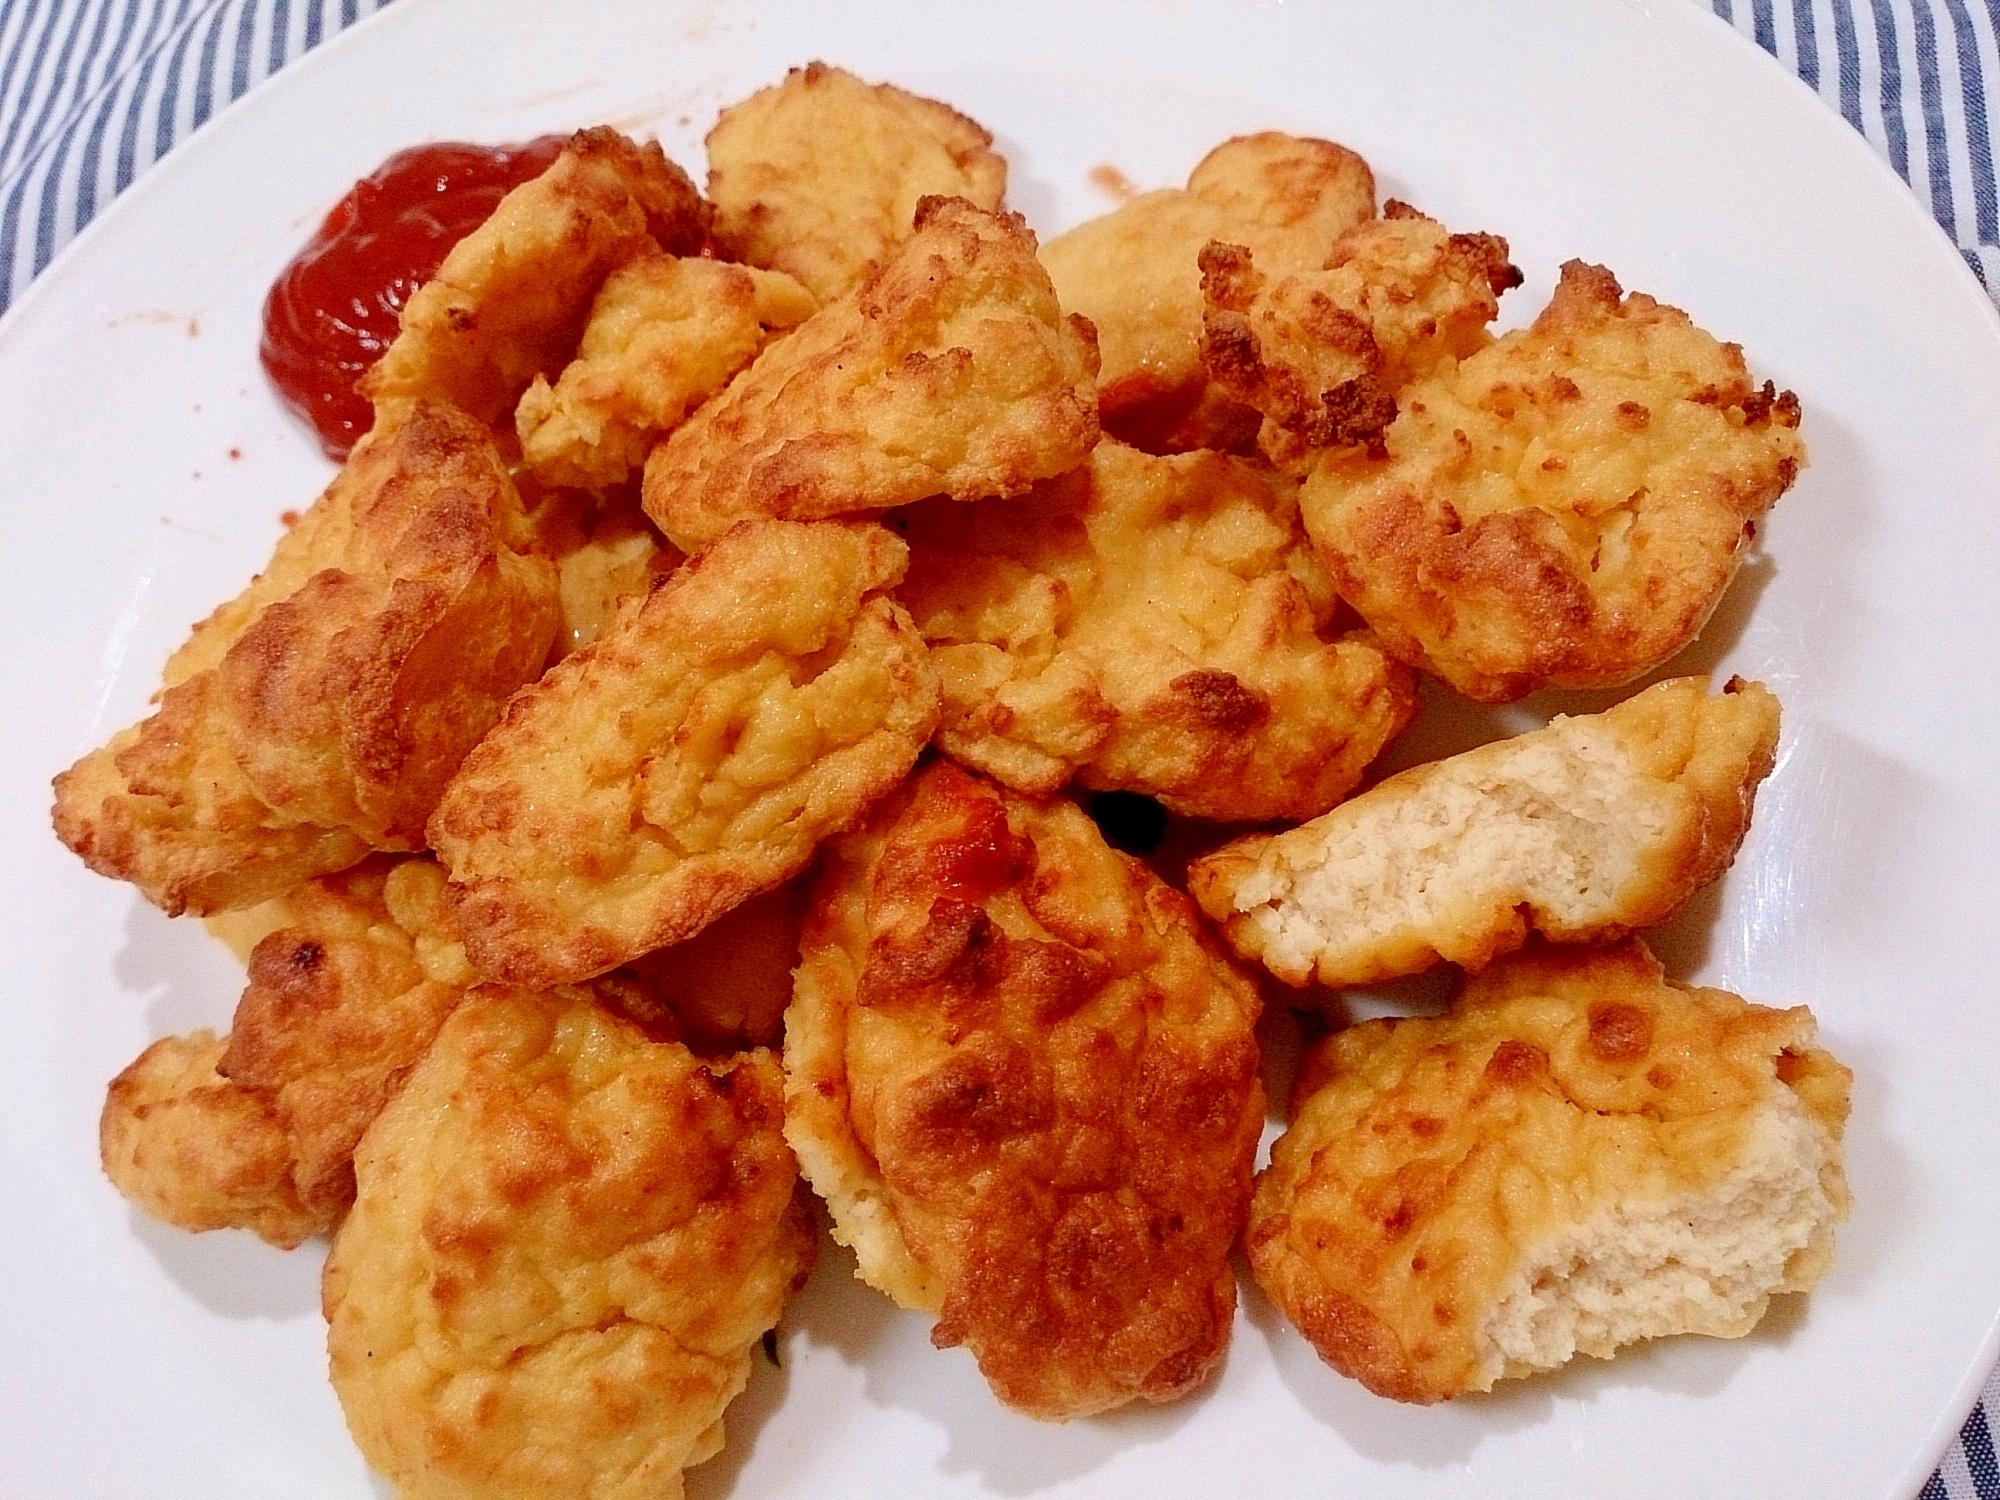 冷凍豆腐のふわふわ豆腐ナゲット(ノンフライヤー)